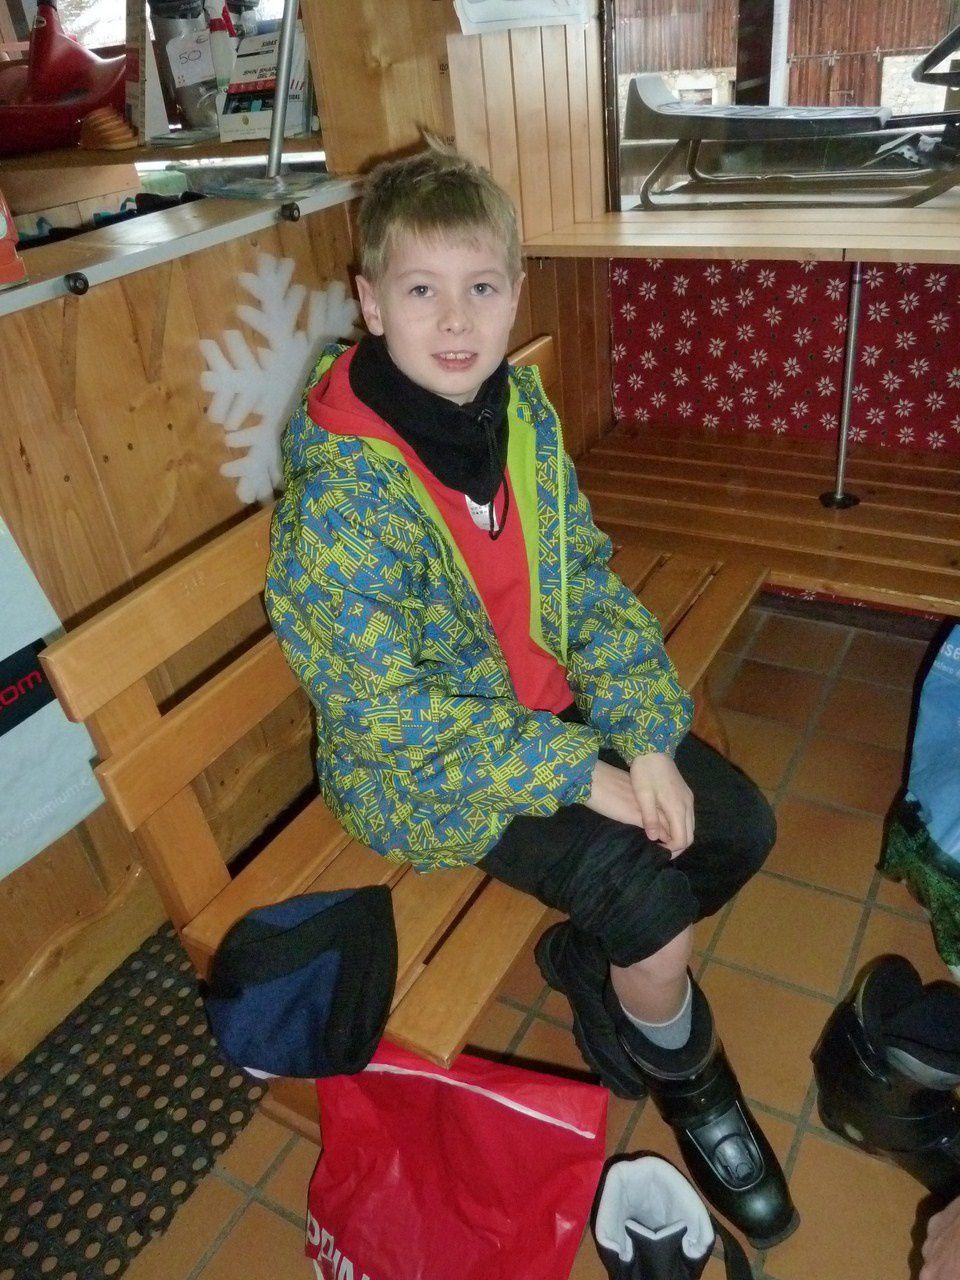 On essaie les chaussures de ski